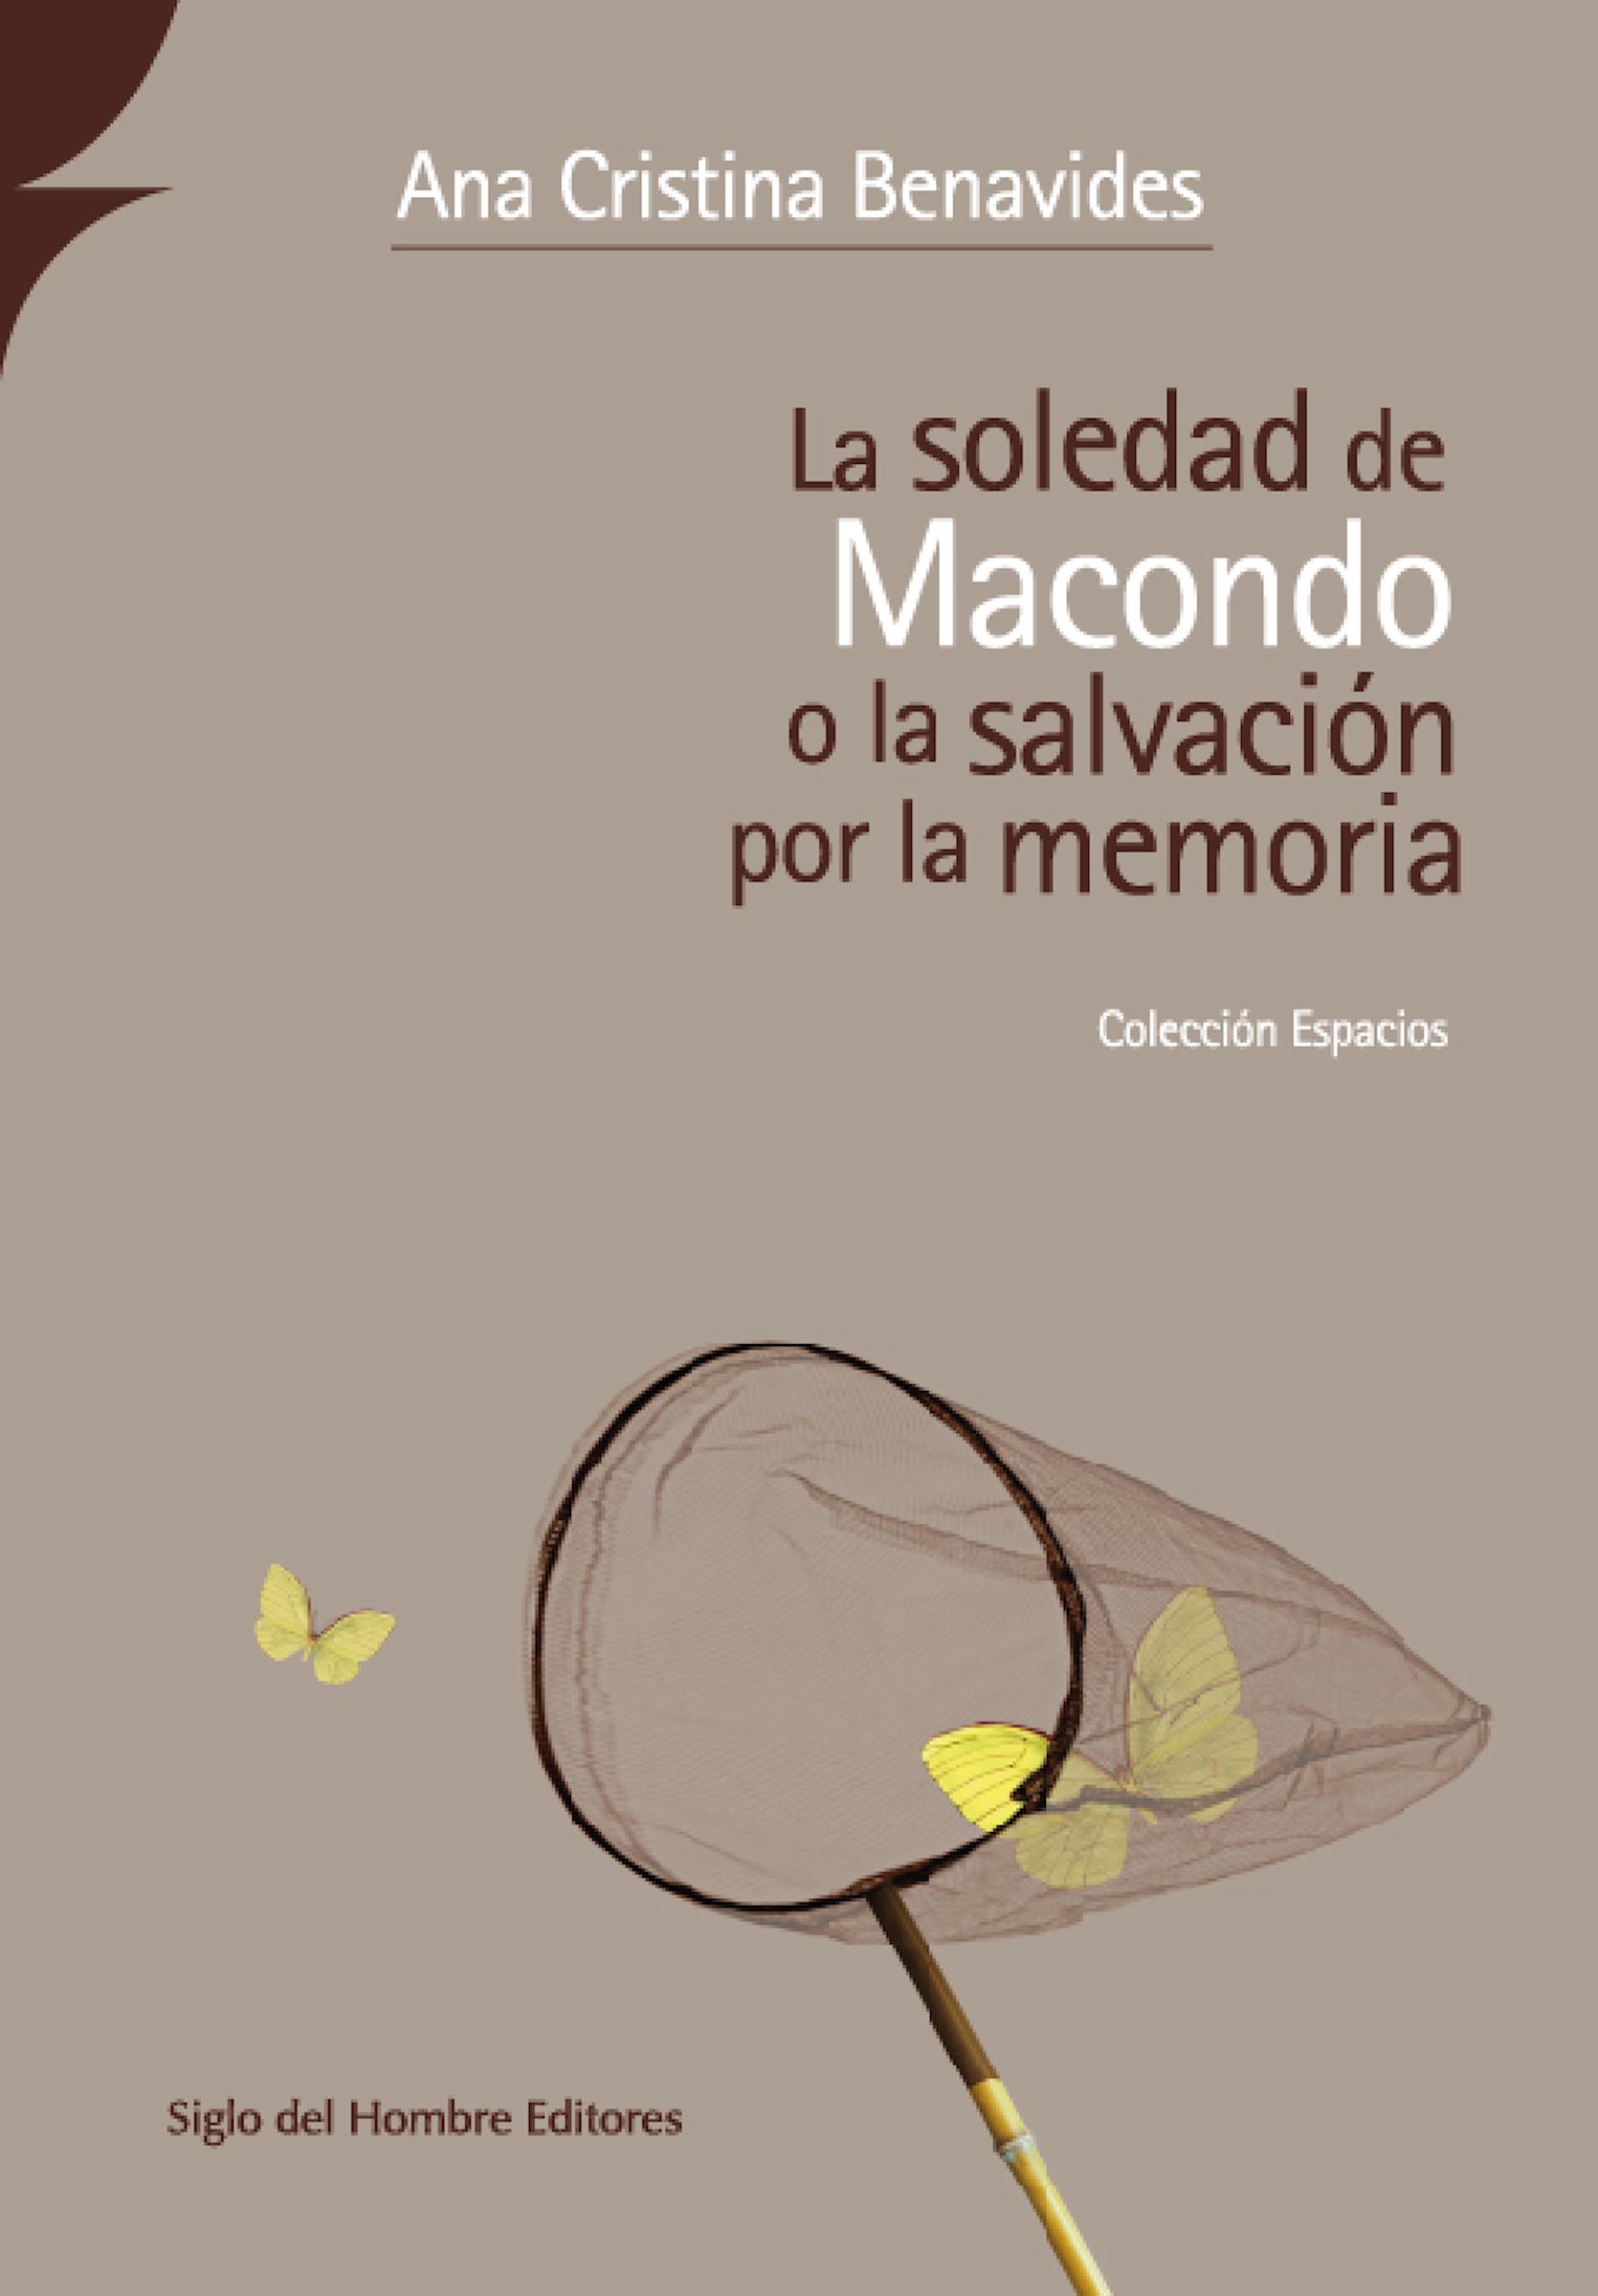 Ana Cristina, Benavides La soledad de macondo o la salvación por la memoria o de la cinna malaguena jaleada op 183bis